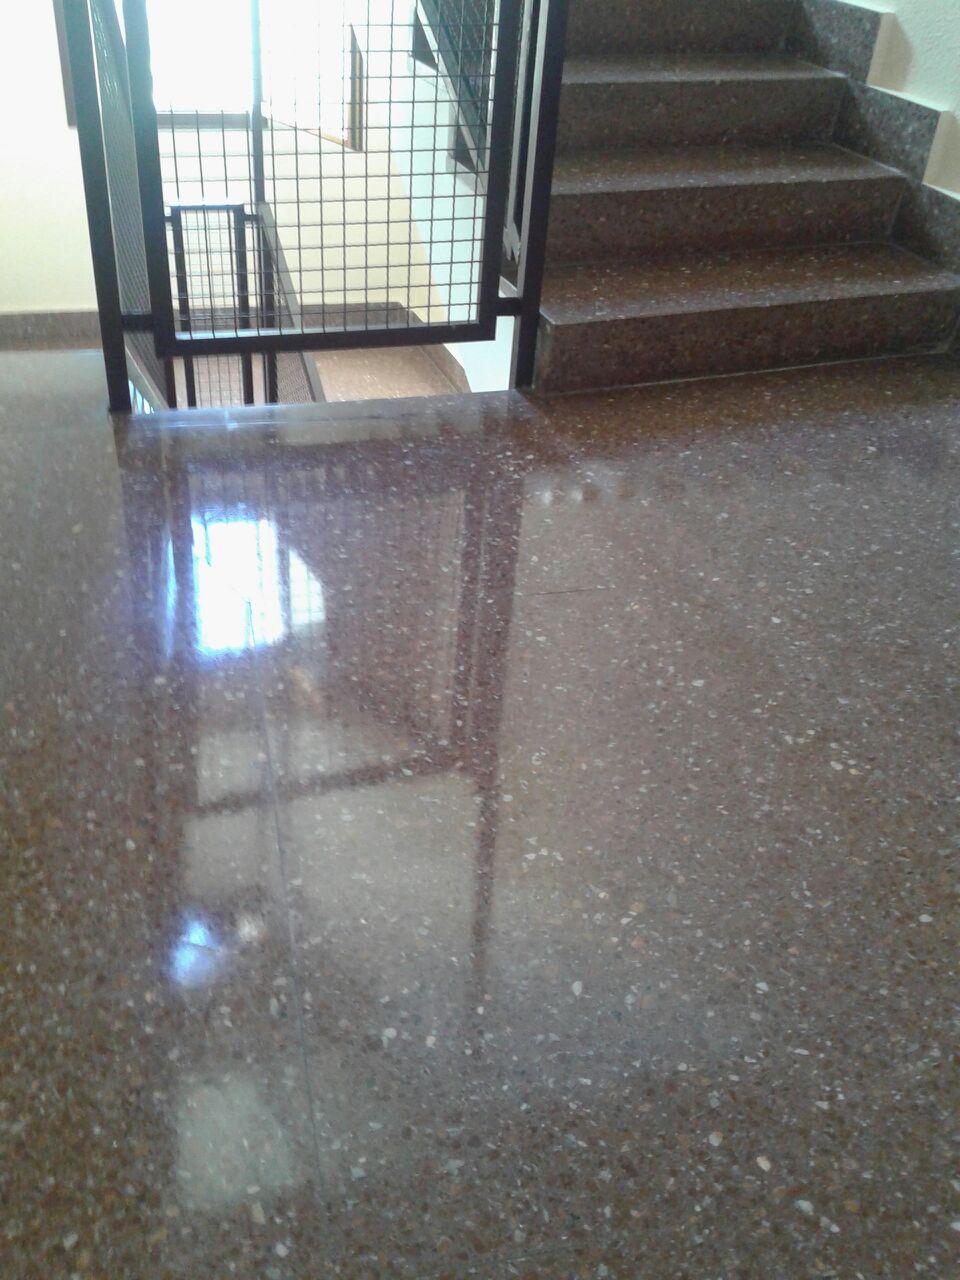 servicio-de-limpieza-profesional-en-vitoria-gasteiz-de-oficinas-suelos-mantenimiento-de-portales-con-precios-baratos-para-empresas